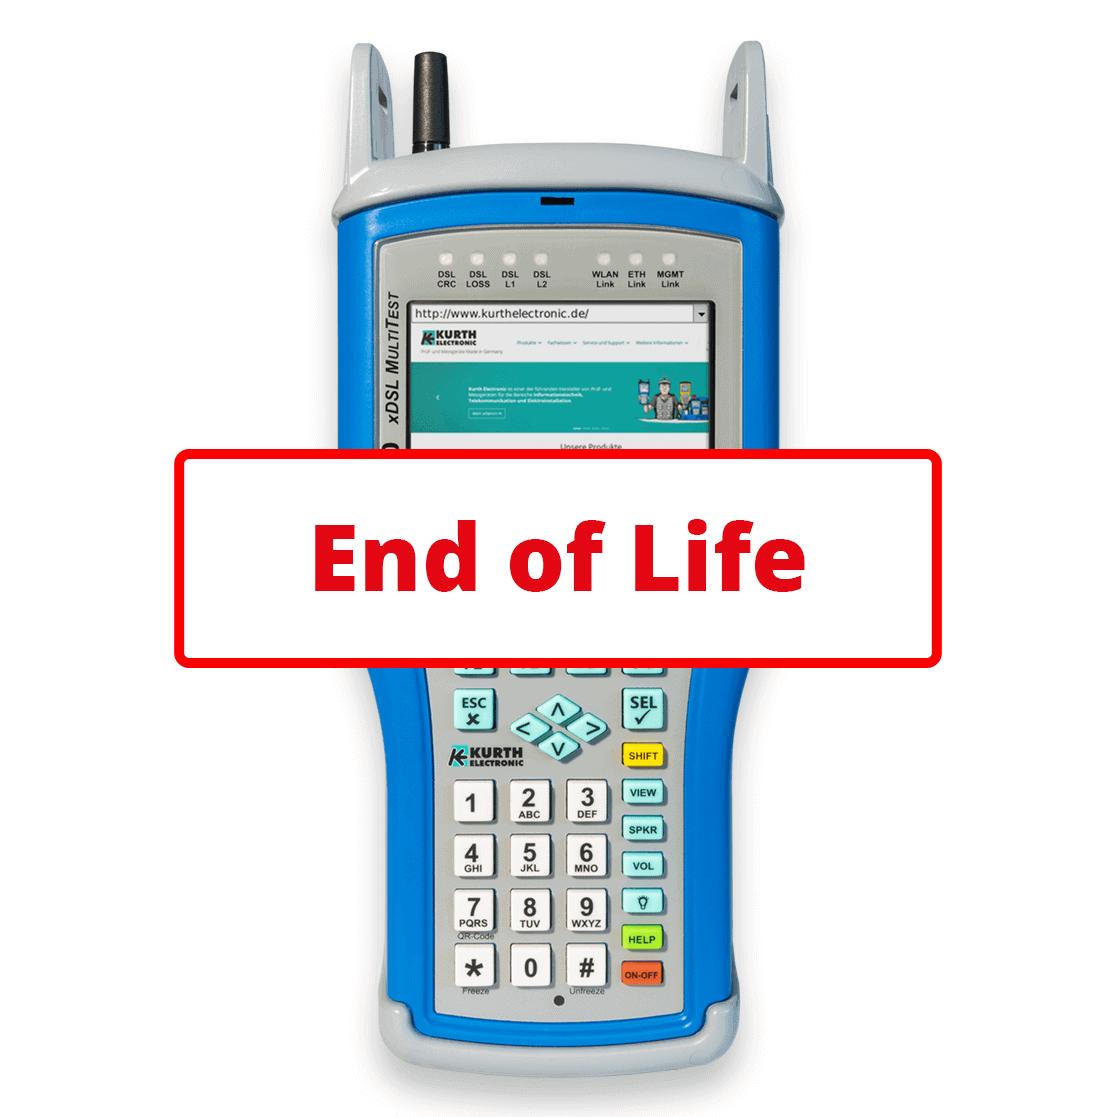 KE3550 with Wi-Fi option